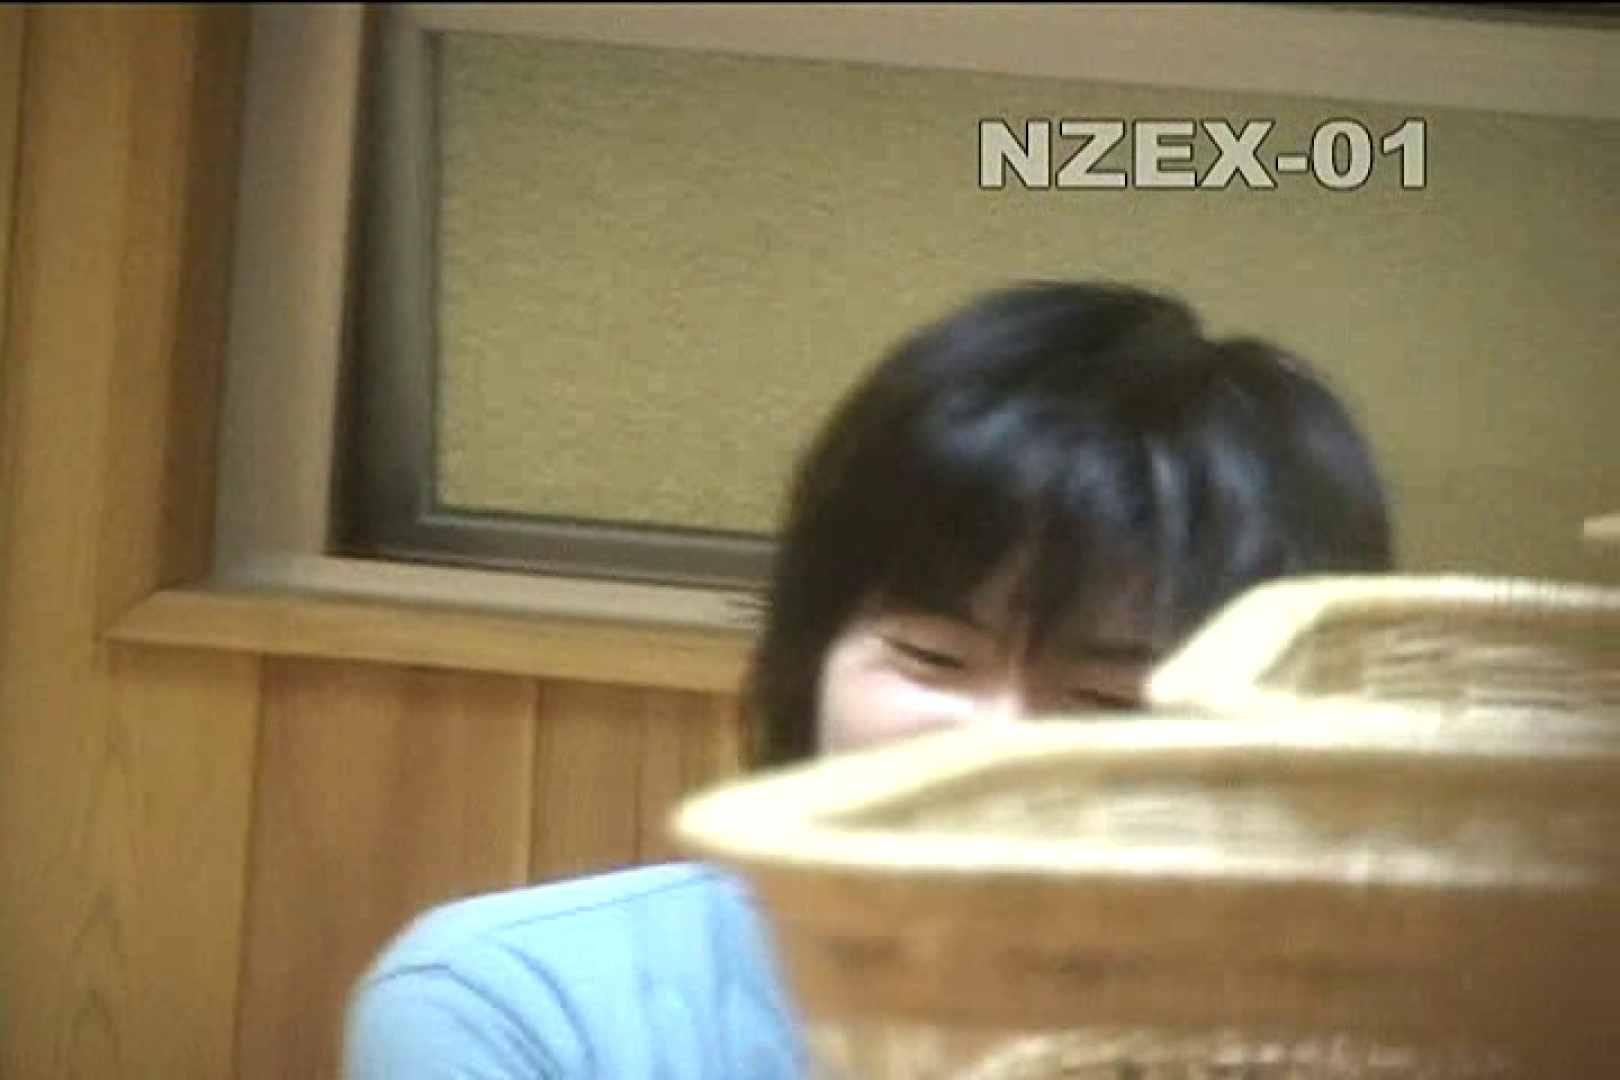 覗き穴 nzex-01_01 高画質 覗きおまんこ画像 90PIX 68